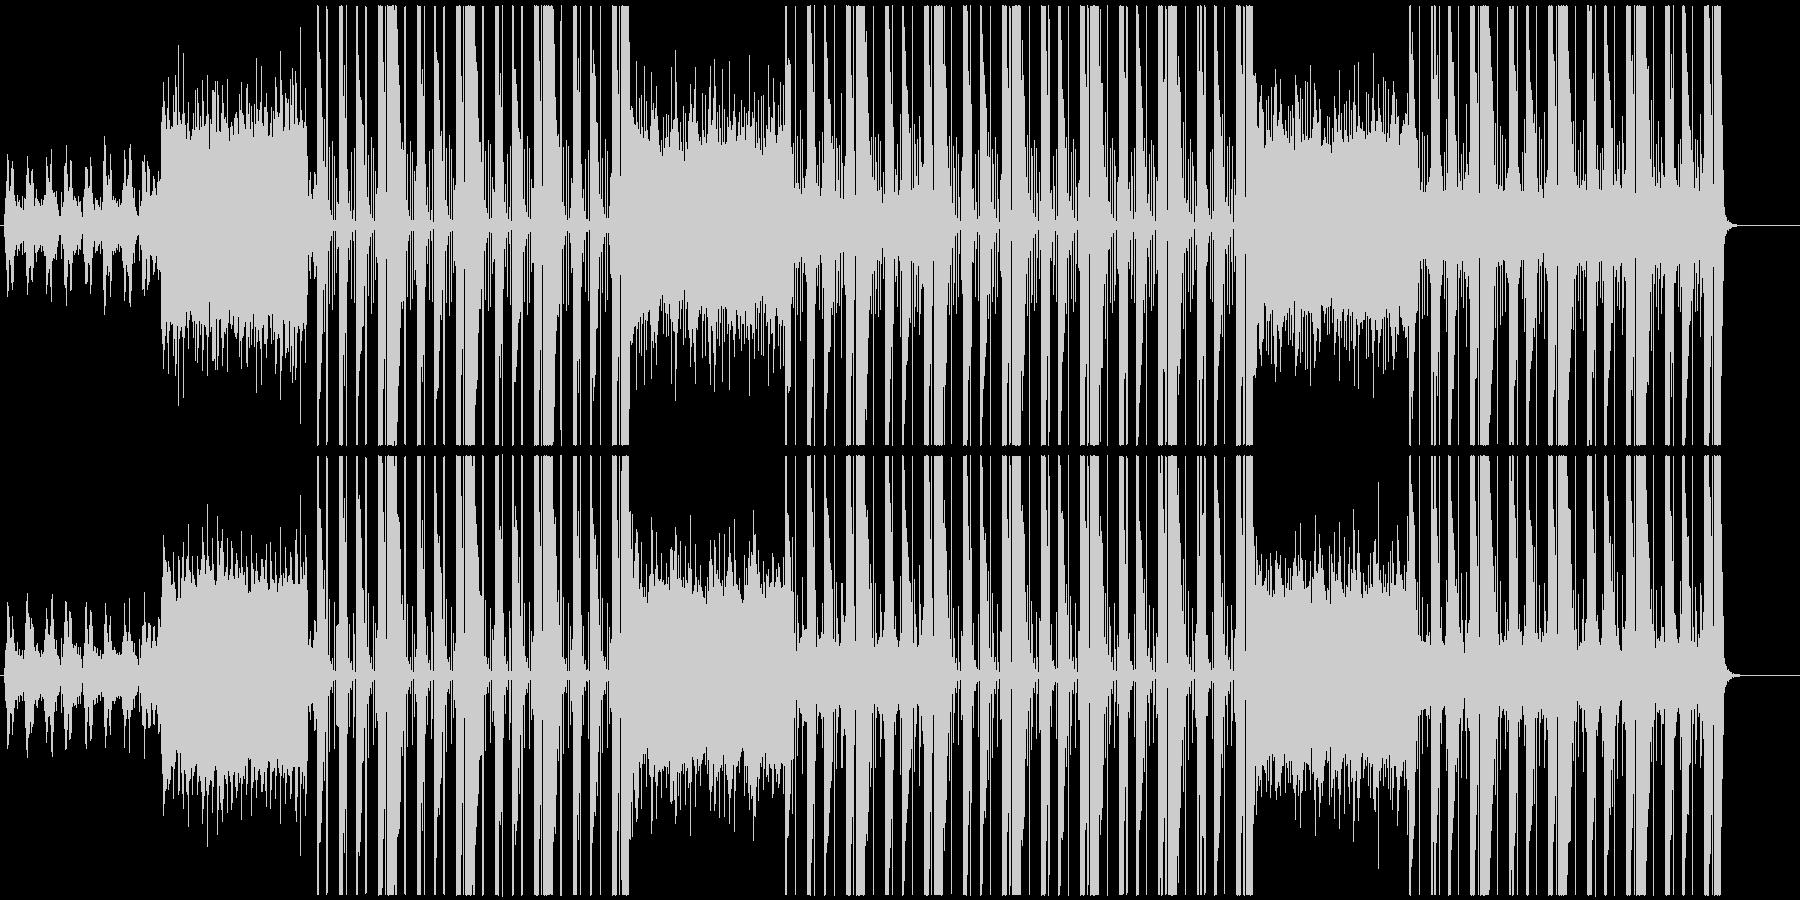 洋楽、トラップ、ヒップホップサウンド♪の未再生の波形